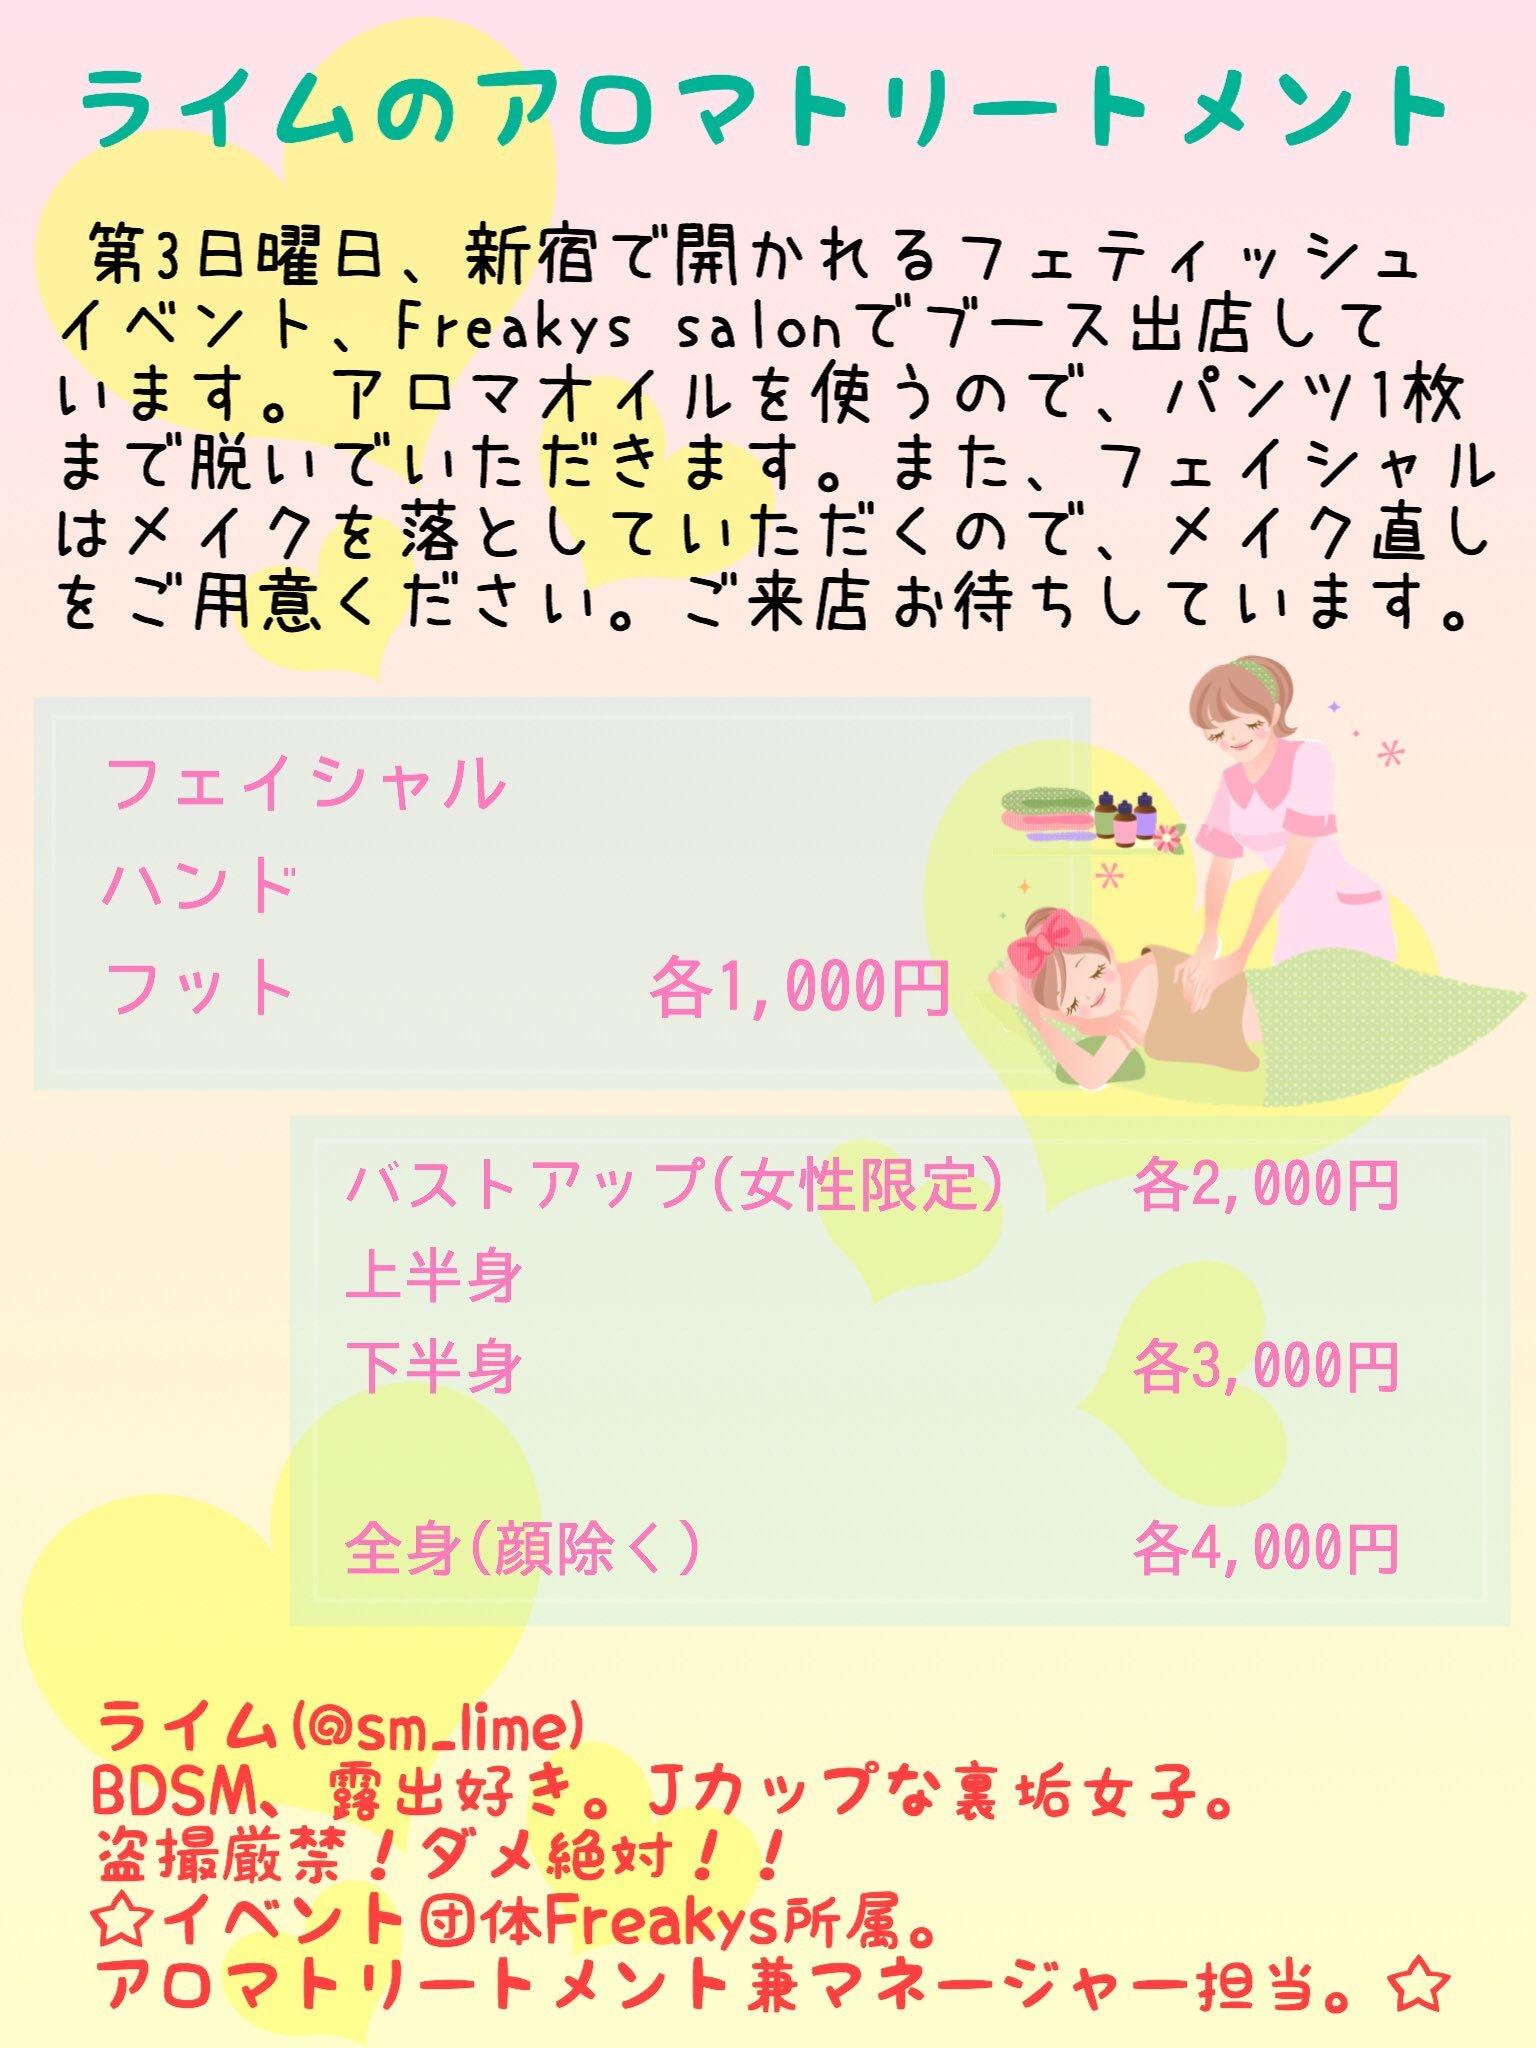 2020年4月19日 Freakys salon(フリーキーズサロン)予告_e0194893_12082931.jpg